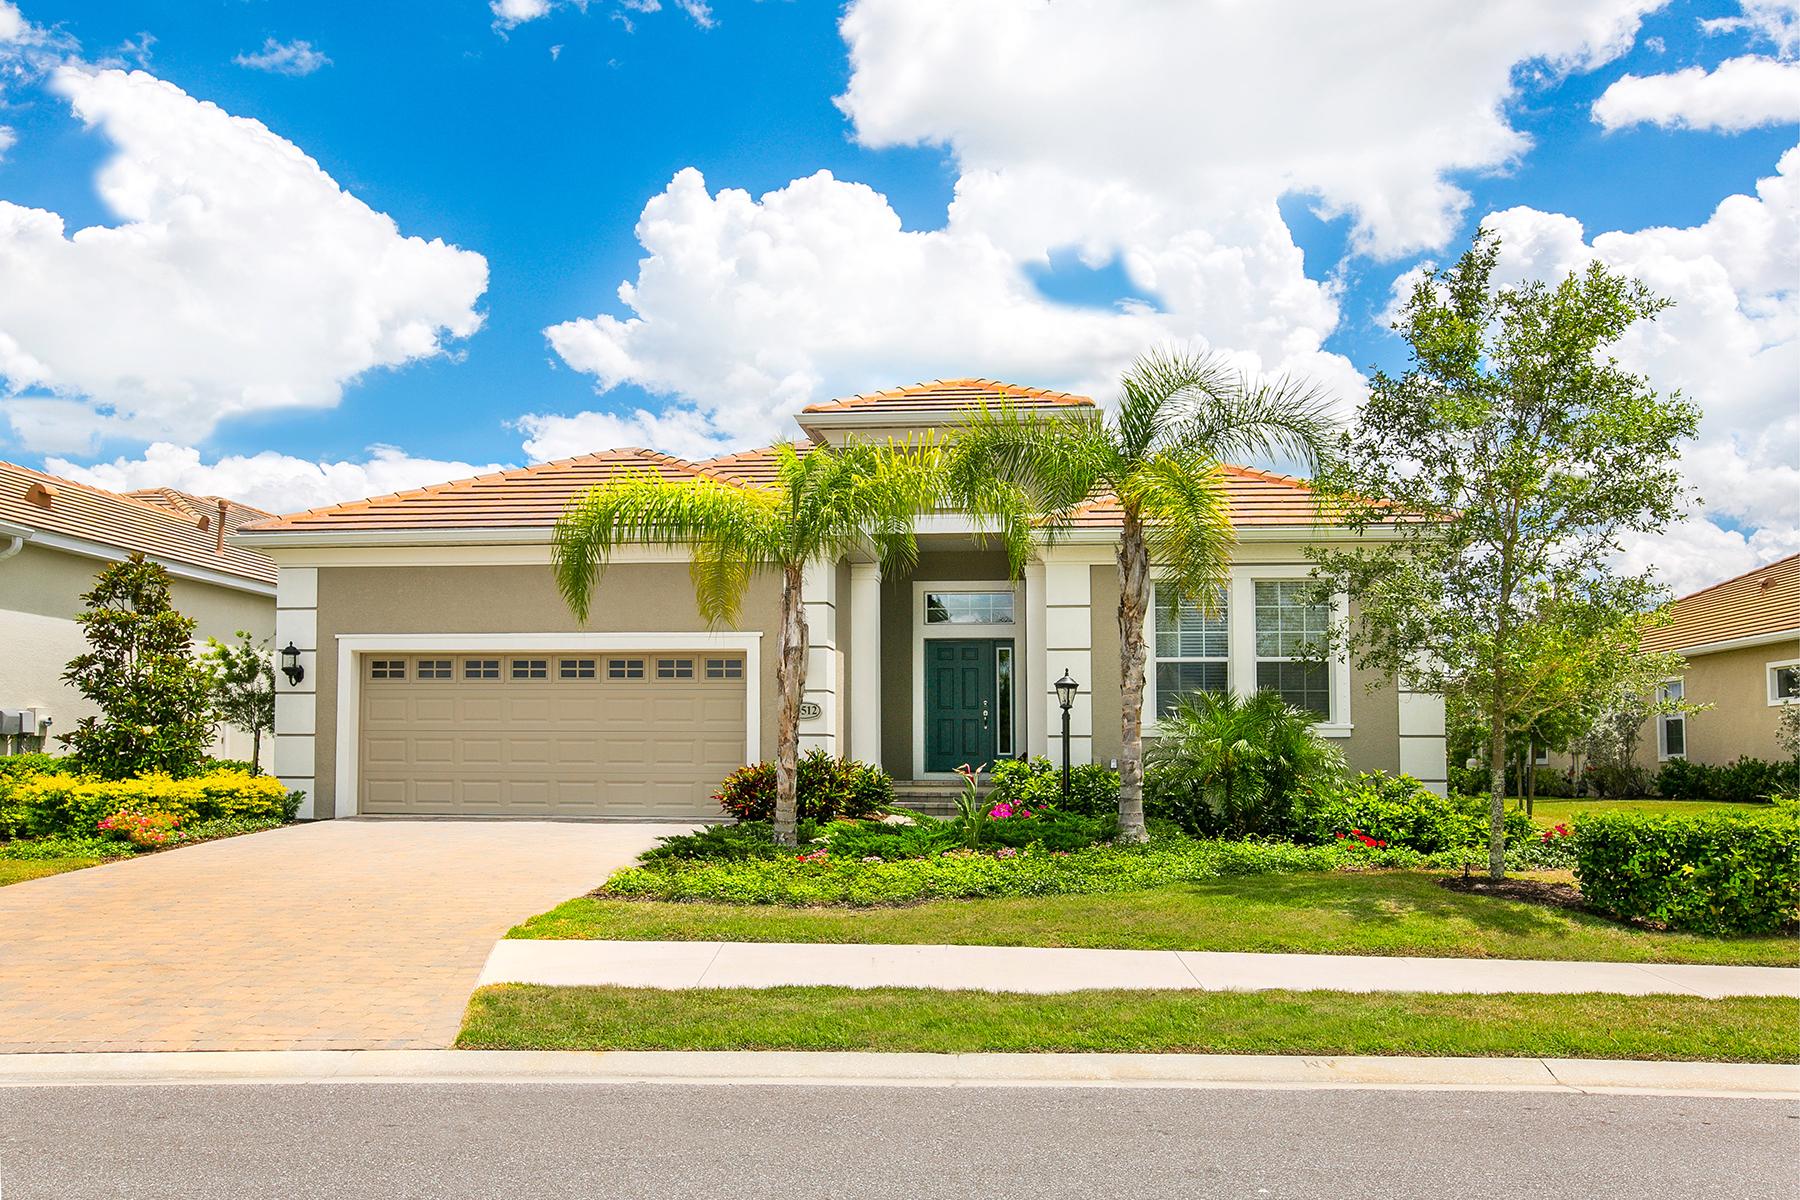 단독 가정 주택 용 매매 에 COUNTRY CLUB EAST 14512 Stirling Dr Lakewood Ranch, 플로리다 34202 미국